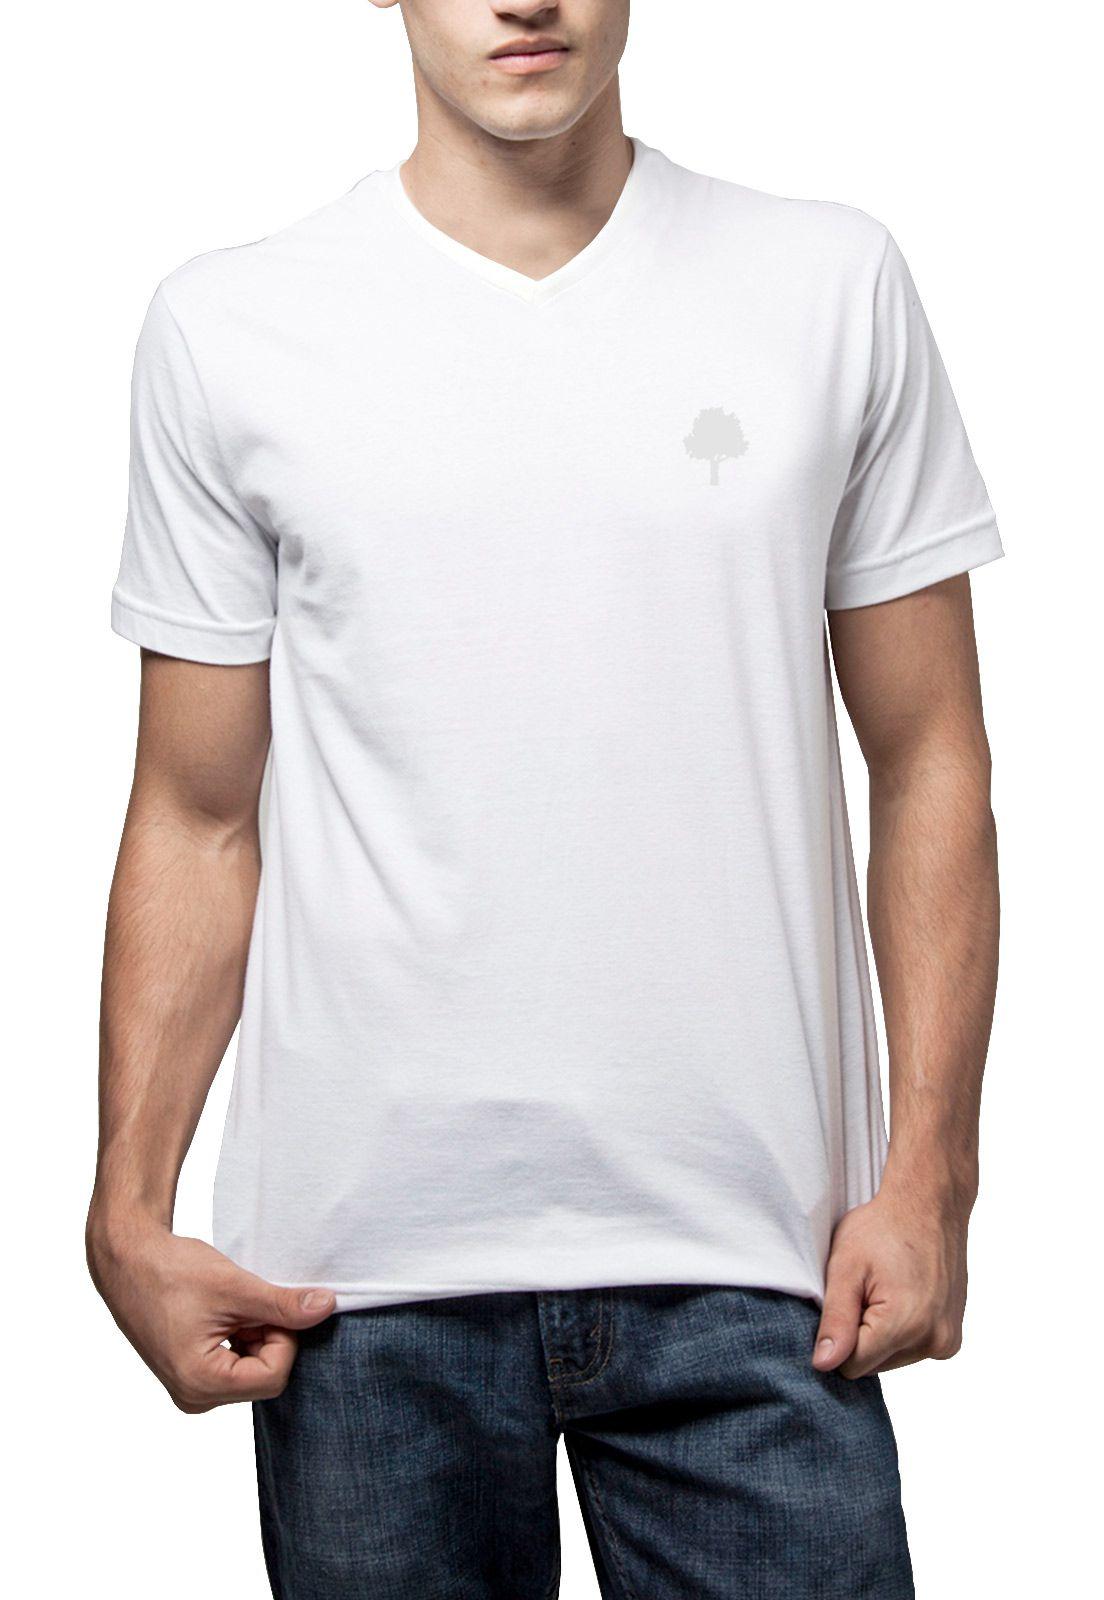 Camiseta Amazônia Básica Árvore Bordada Gola V - Branco